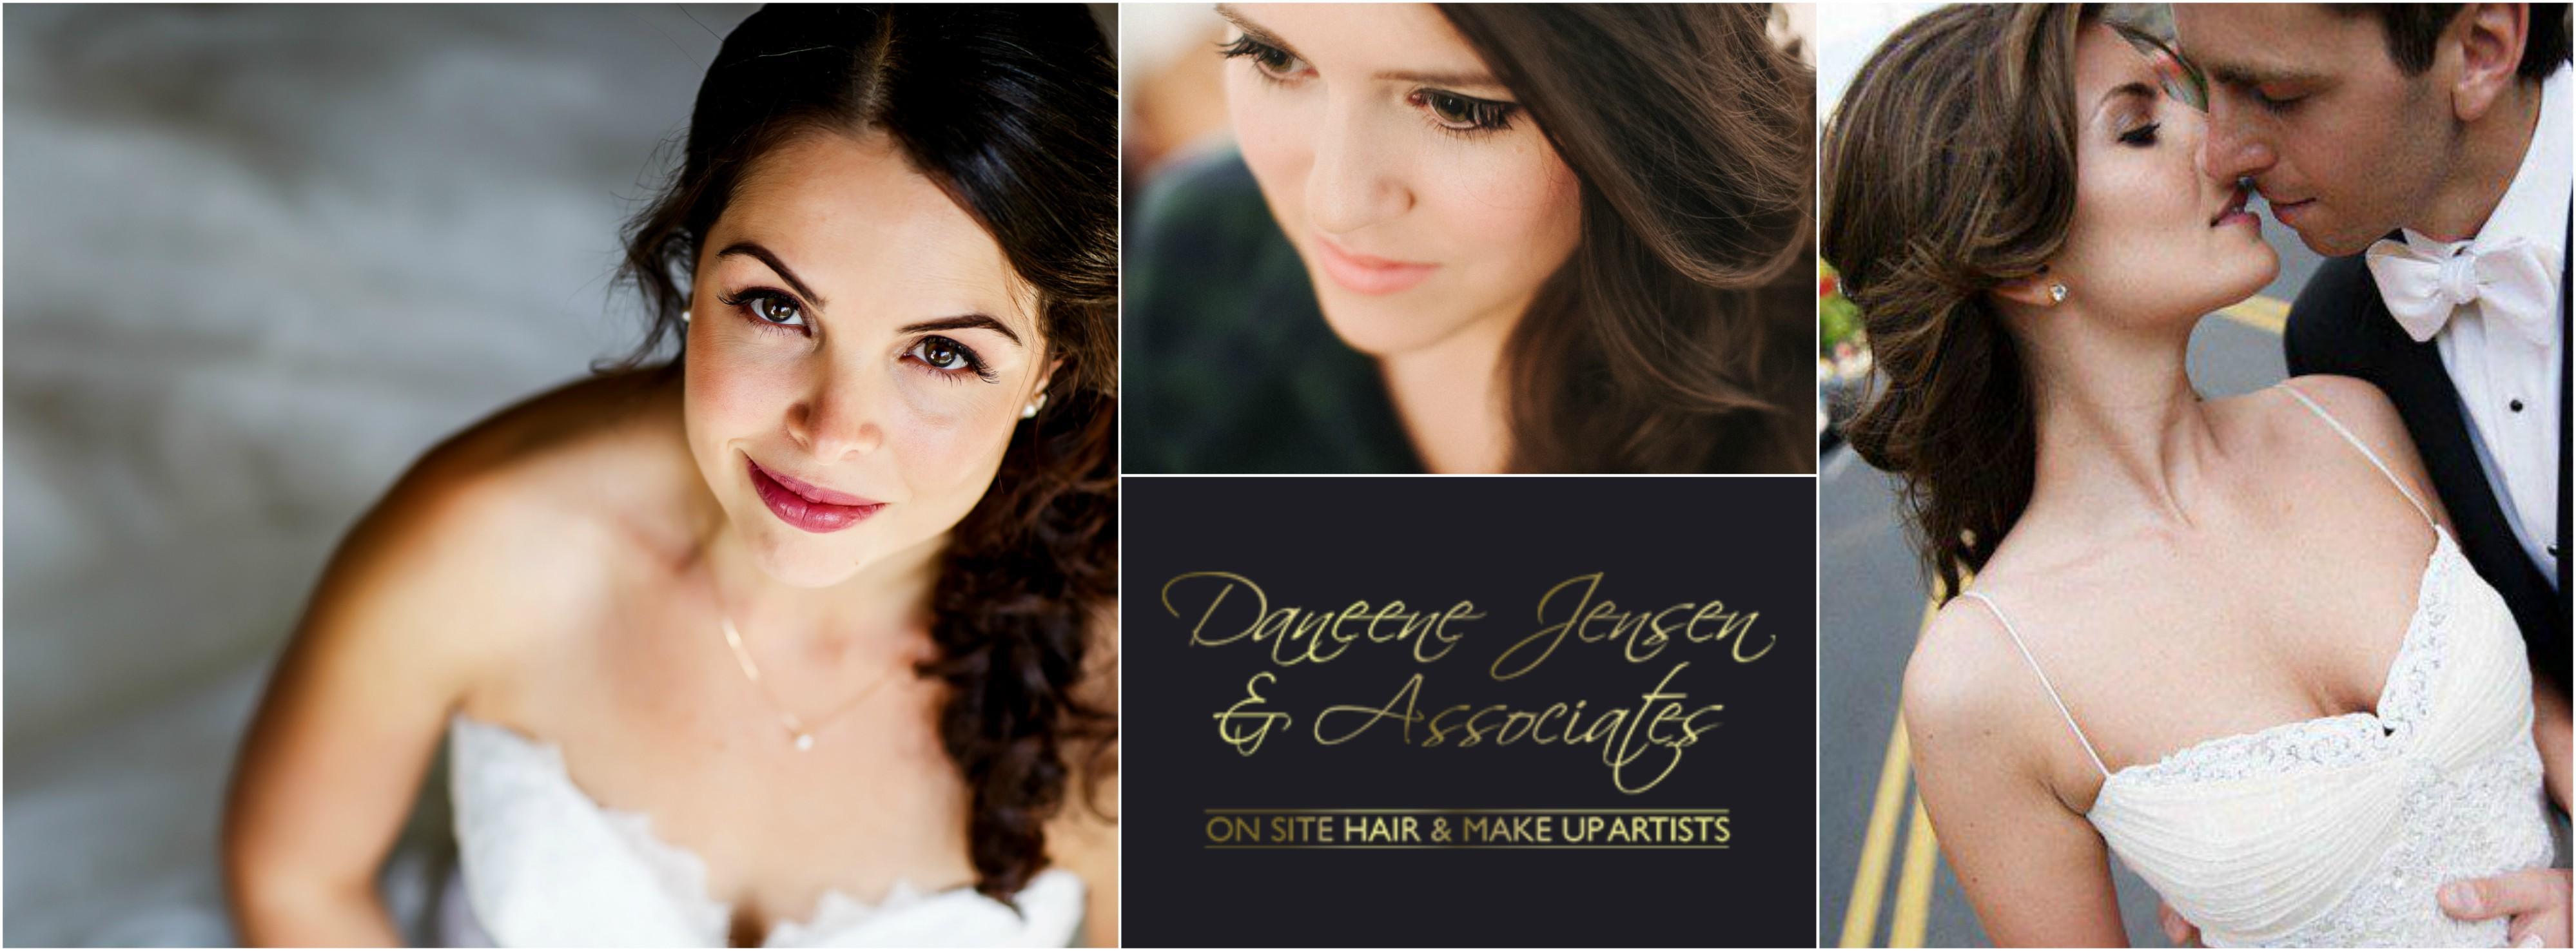 DaneeneJensen&Associates